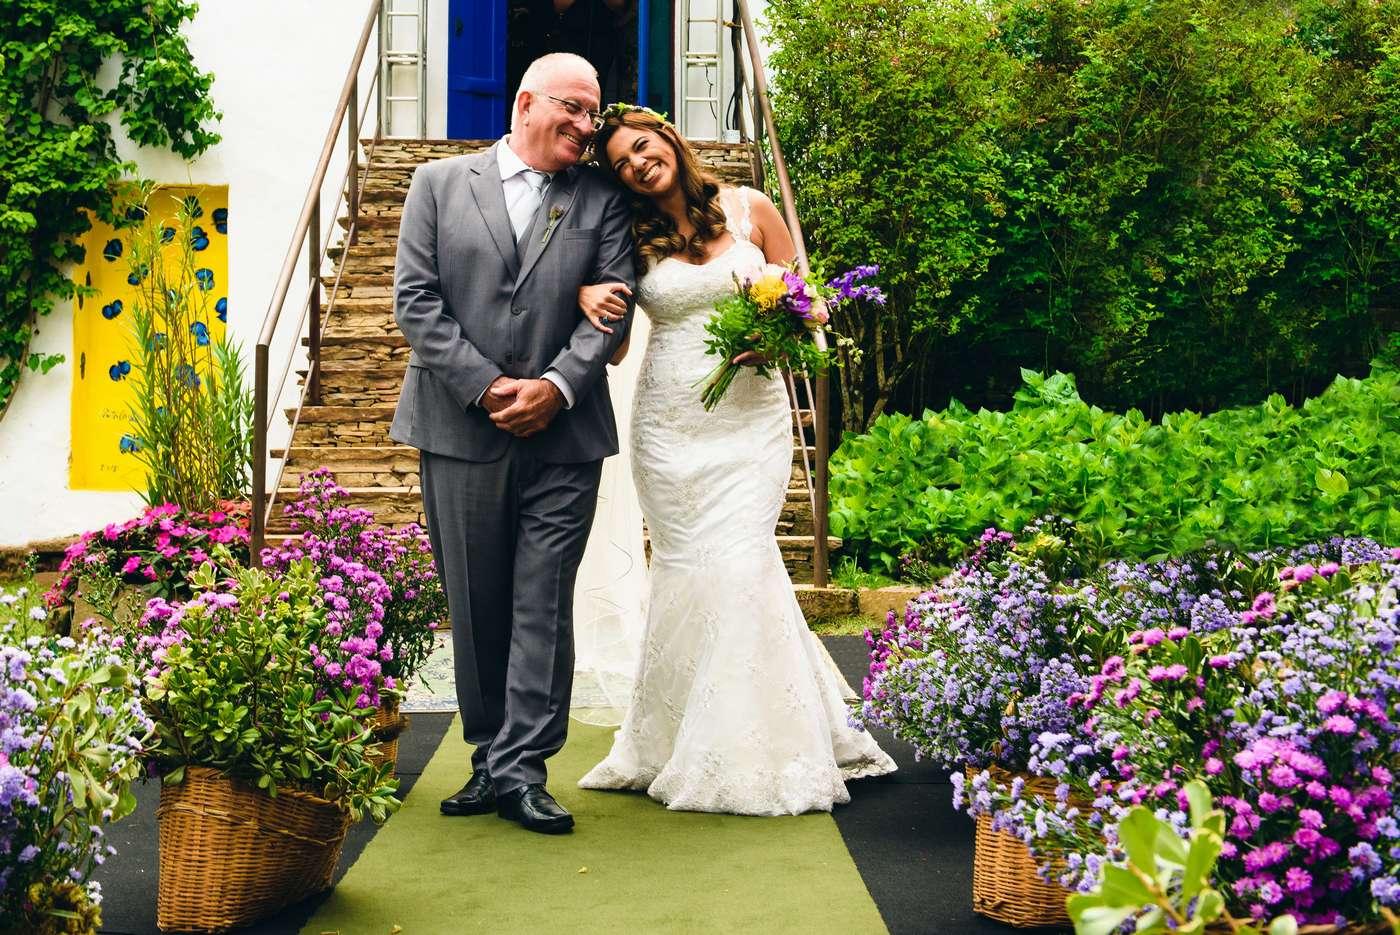 Casamento Ao Ar Livre No O Passo / Ouro Preto